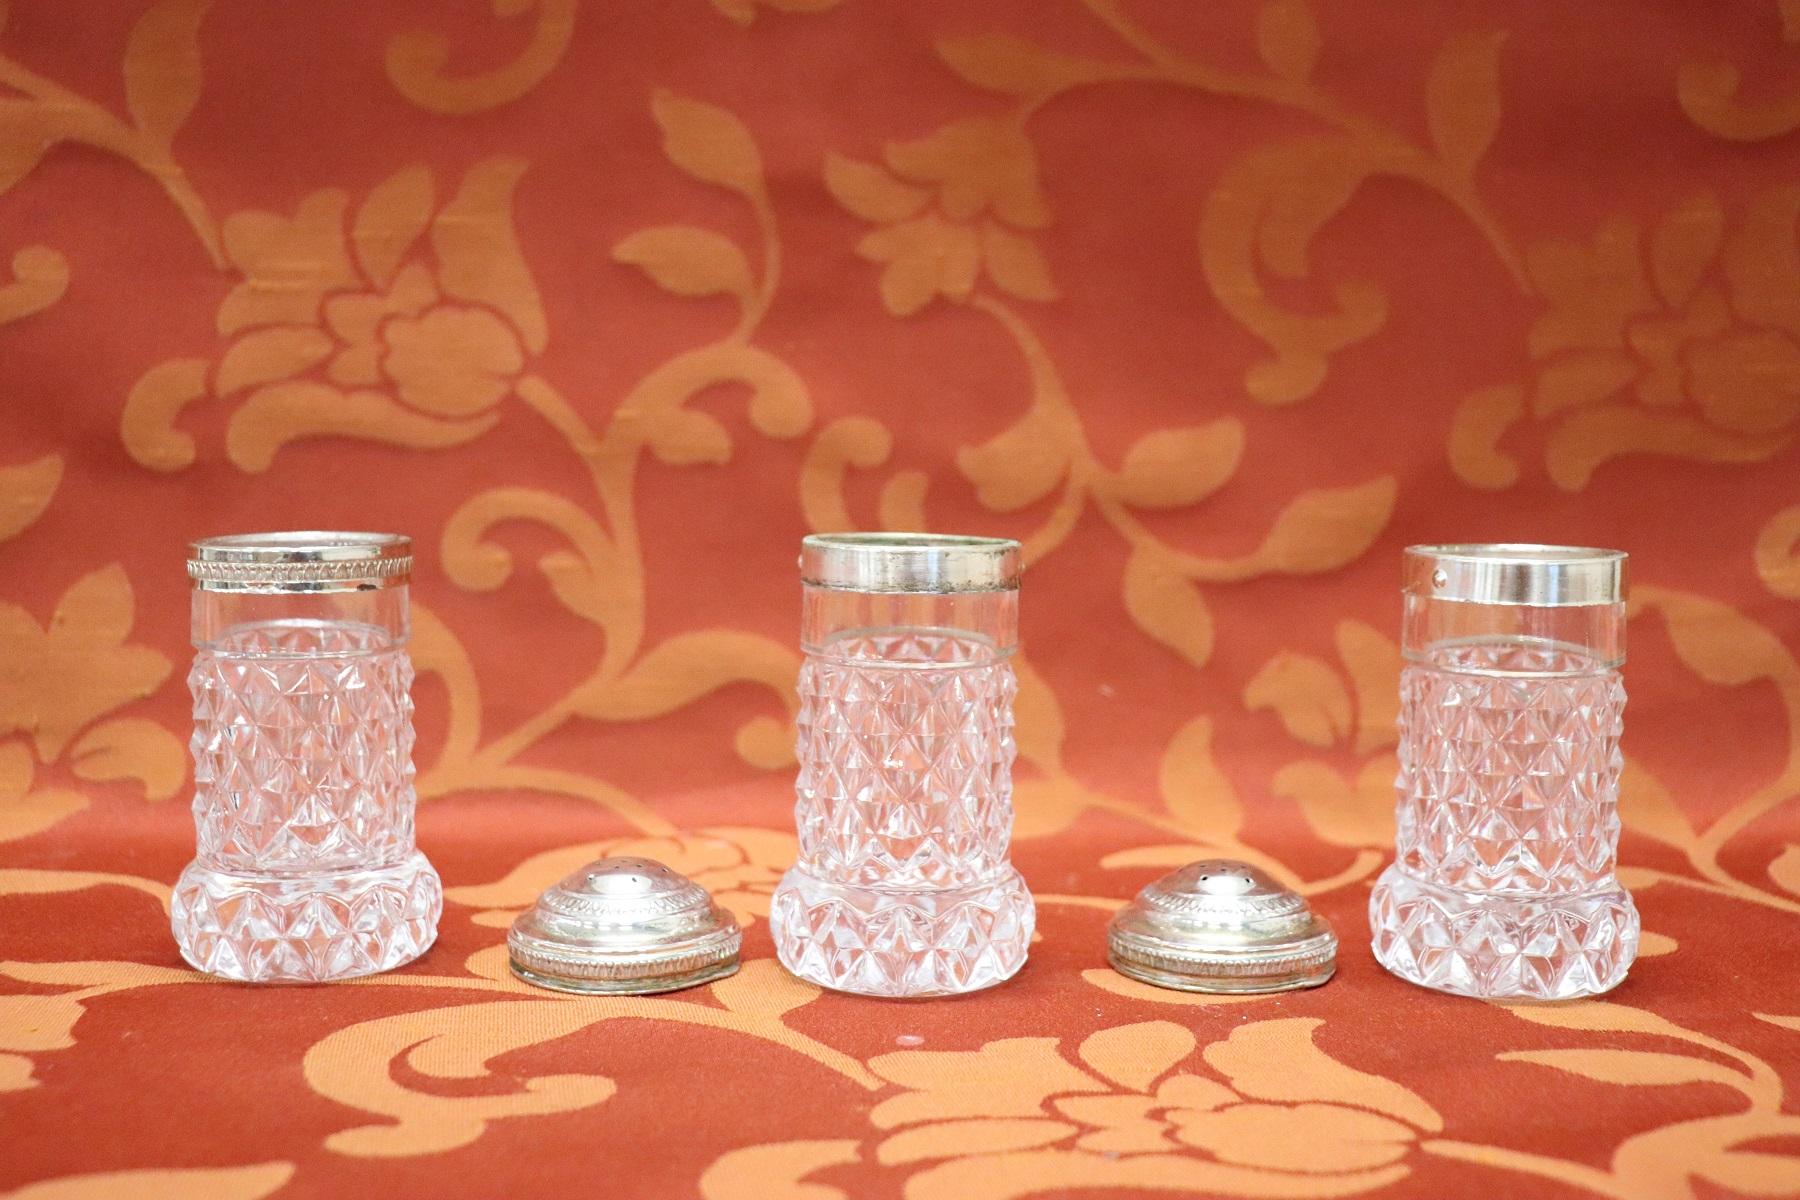 Mobili Anni 30 : Servizio di sale e pepe in cristallo anni pezzi mobili